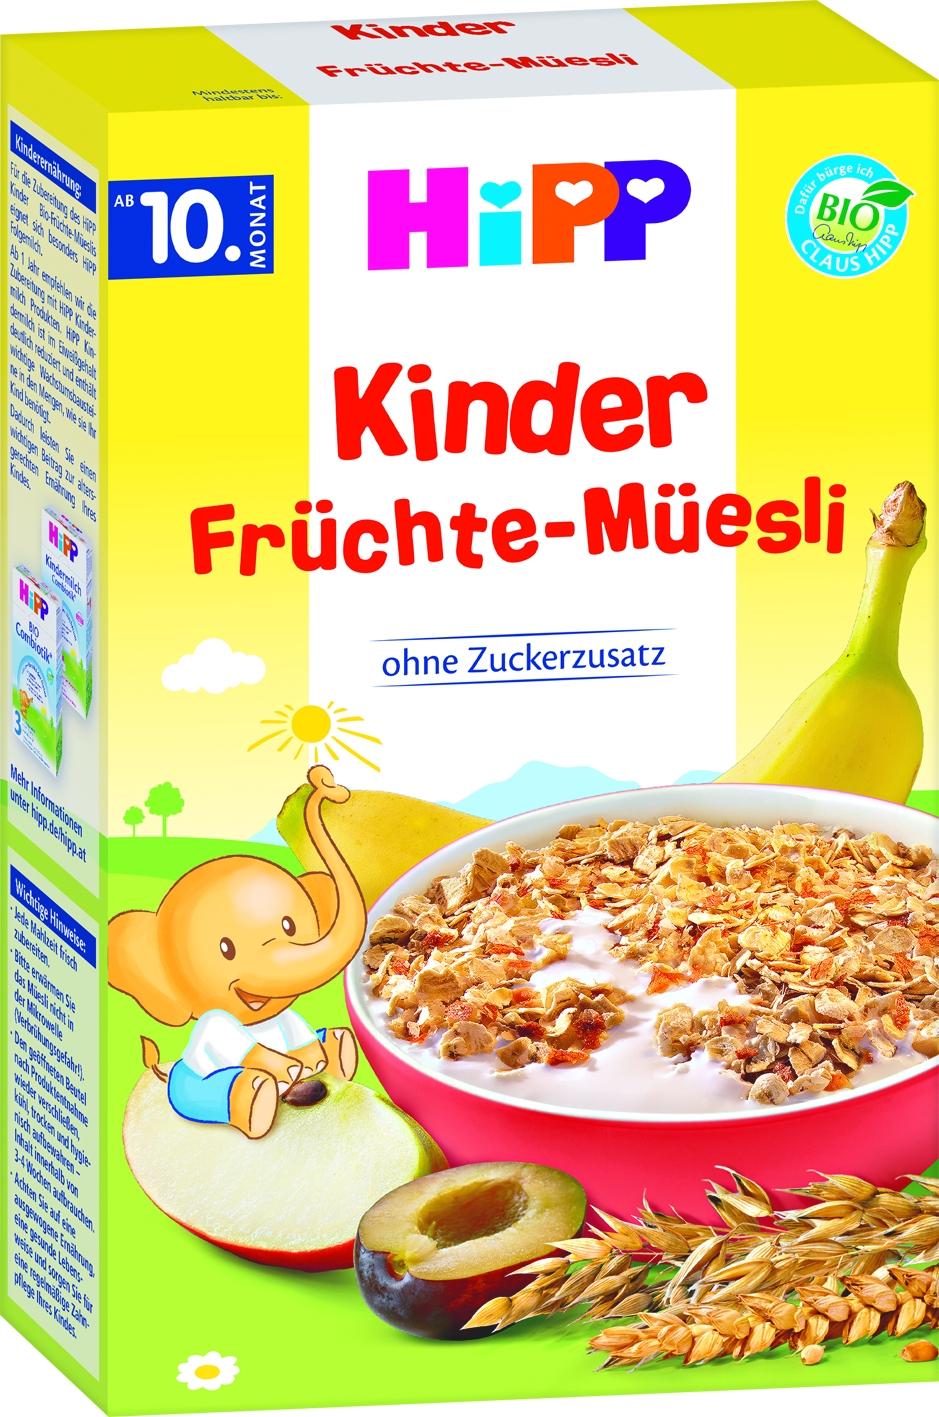 Bio 3531 Kinder Fruechte Muesli